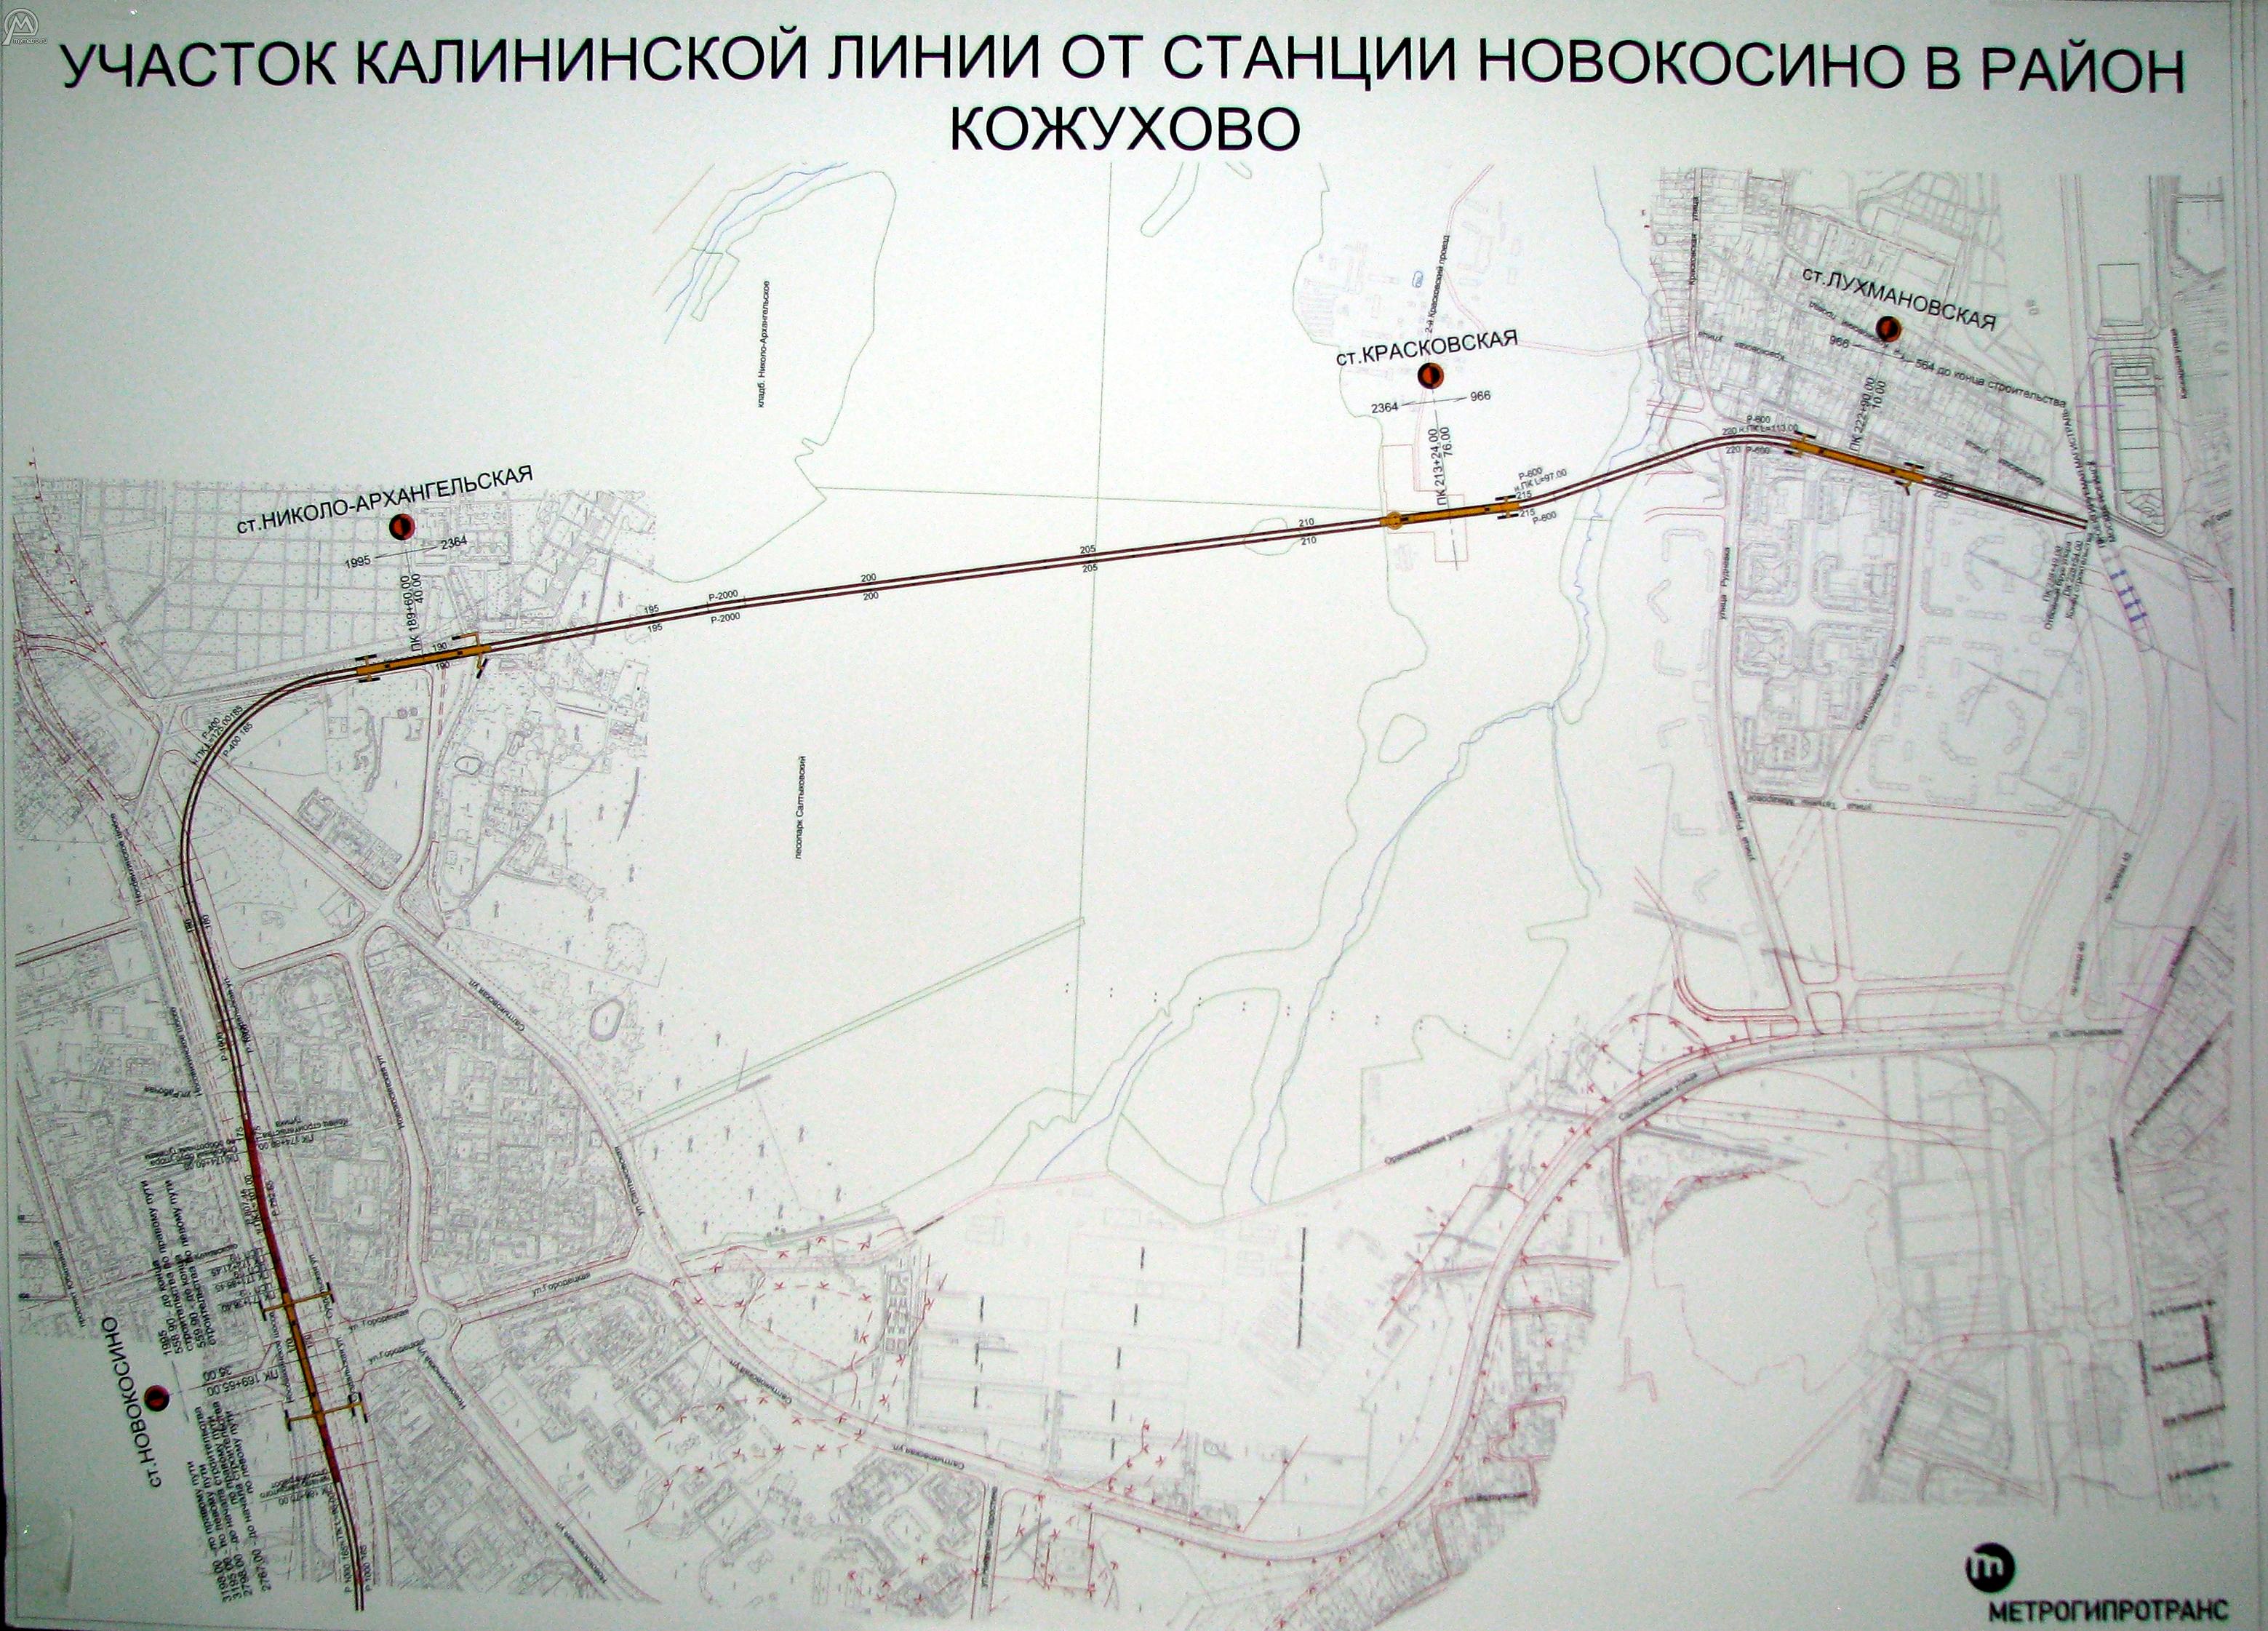 З.Ы. Крупная схема валяется где-то в теме про метро в Кожухово. примерно вот так.